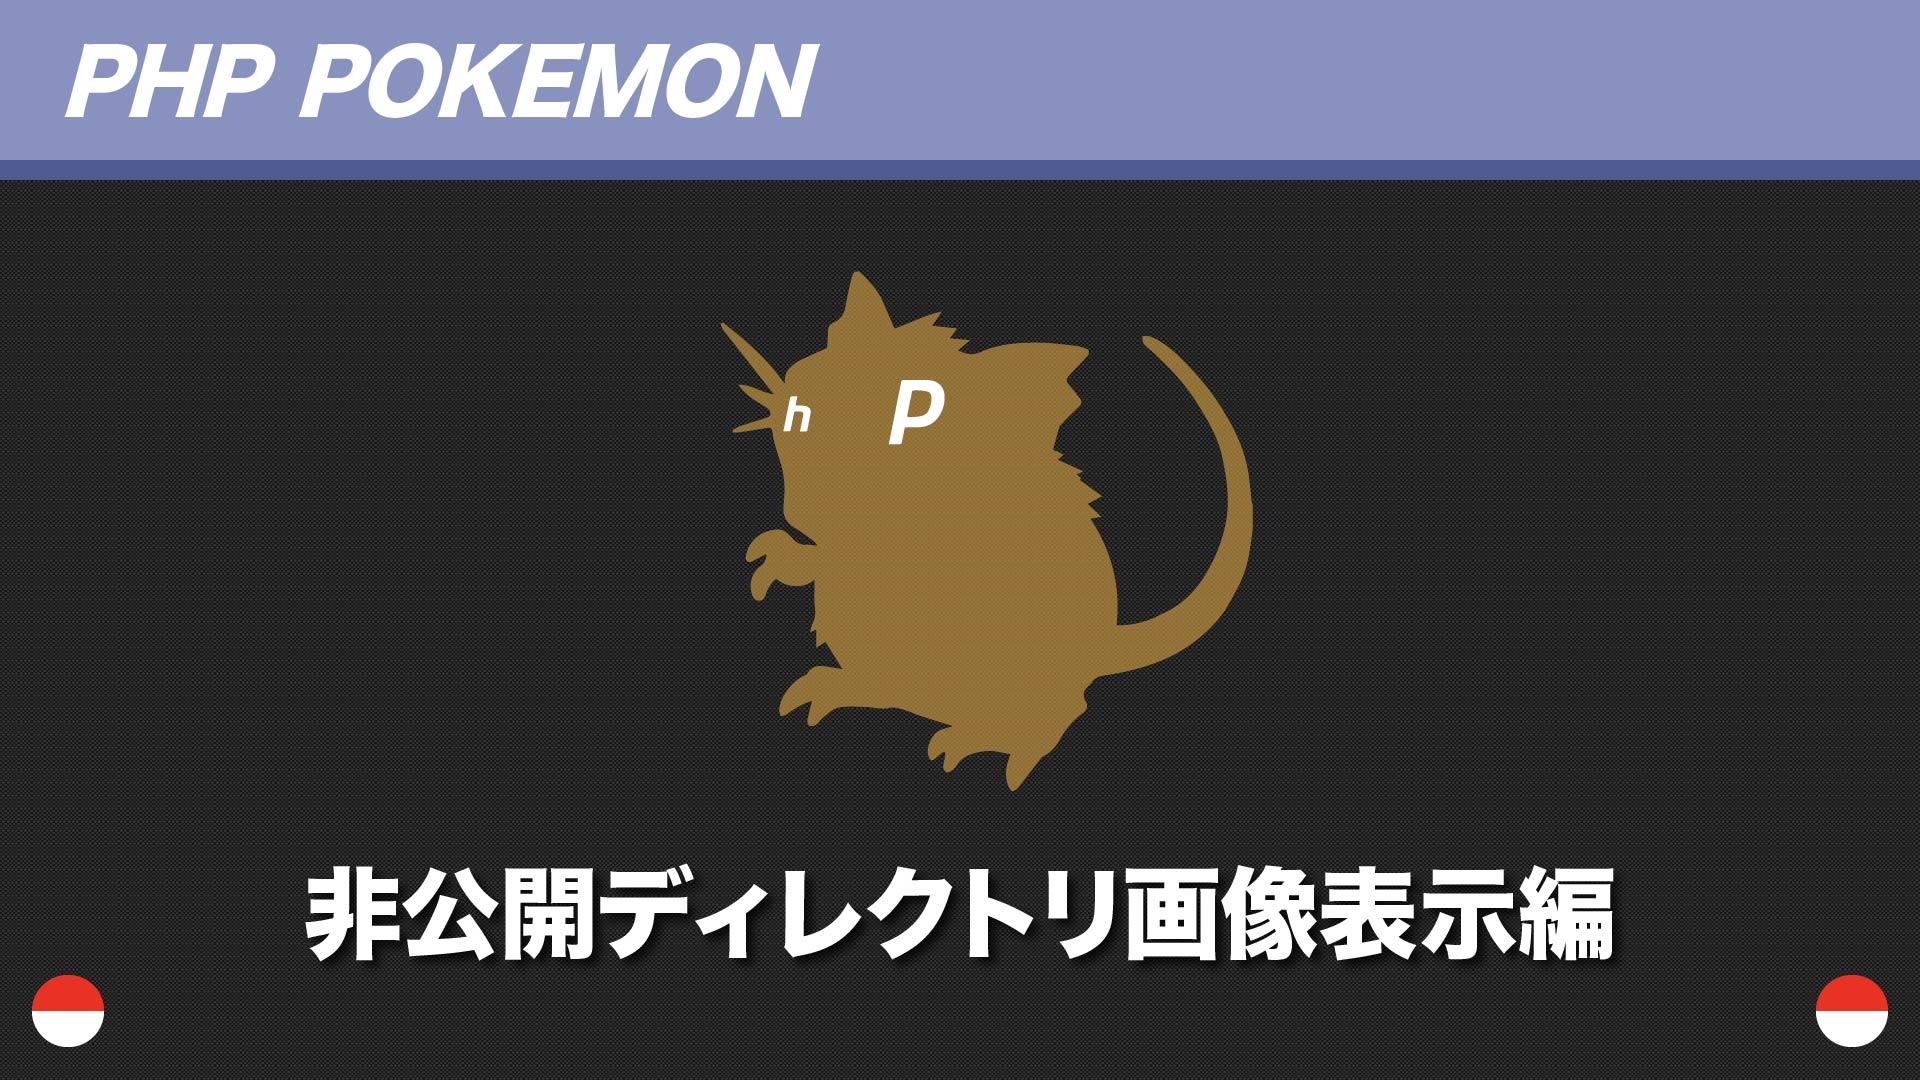 非公開ディレクトリ画像表示編 PHPポケモン 91